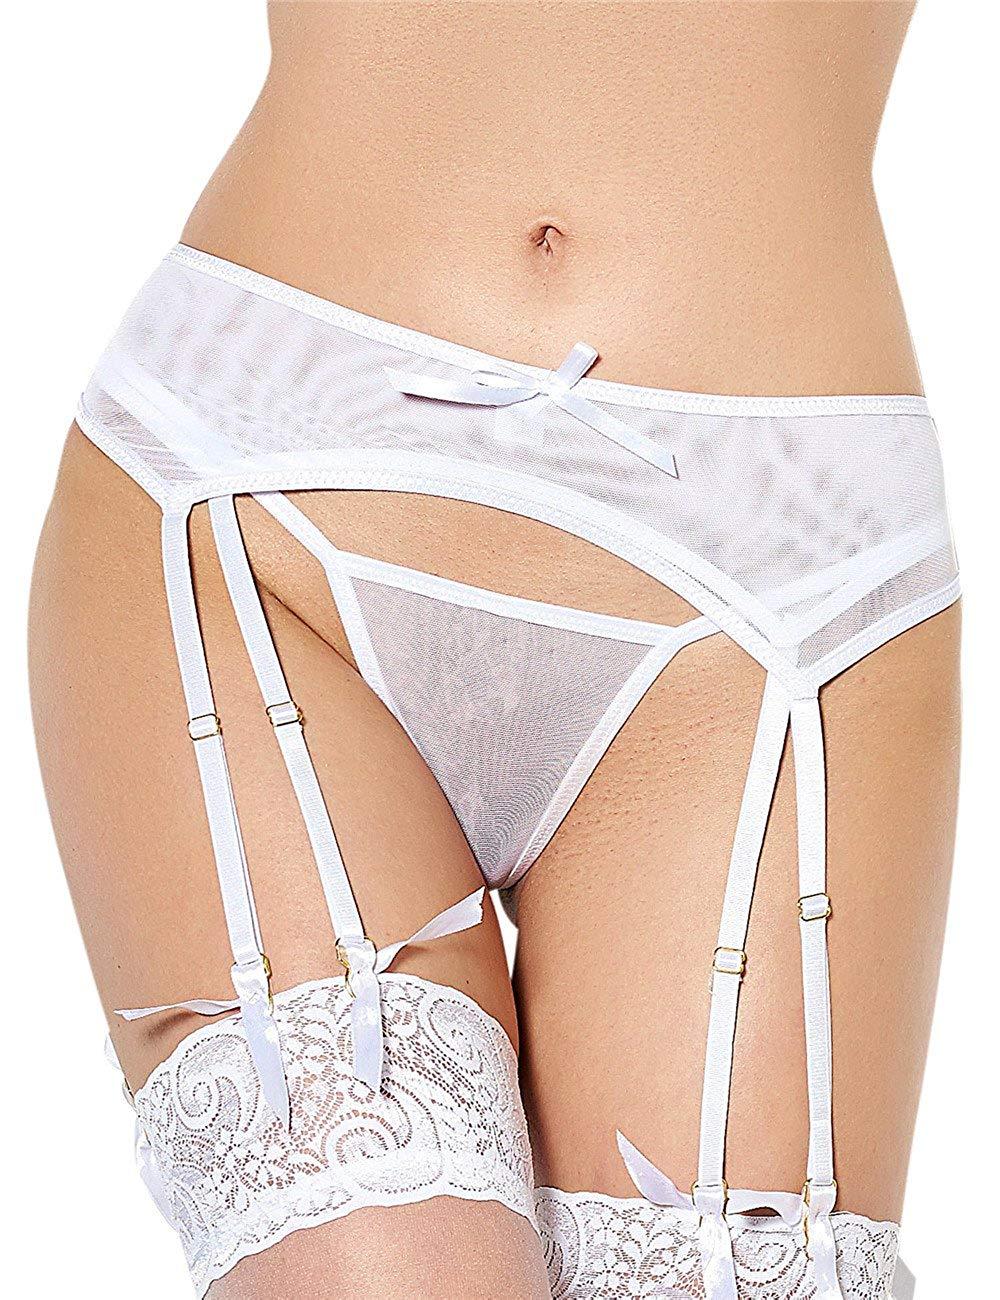 4c655c4d5 ohyeahlady Women s Transparent Garter Belt Set Plus Size Suspender Belt  with G-String Garter Panty